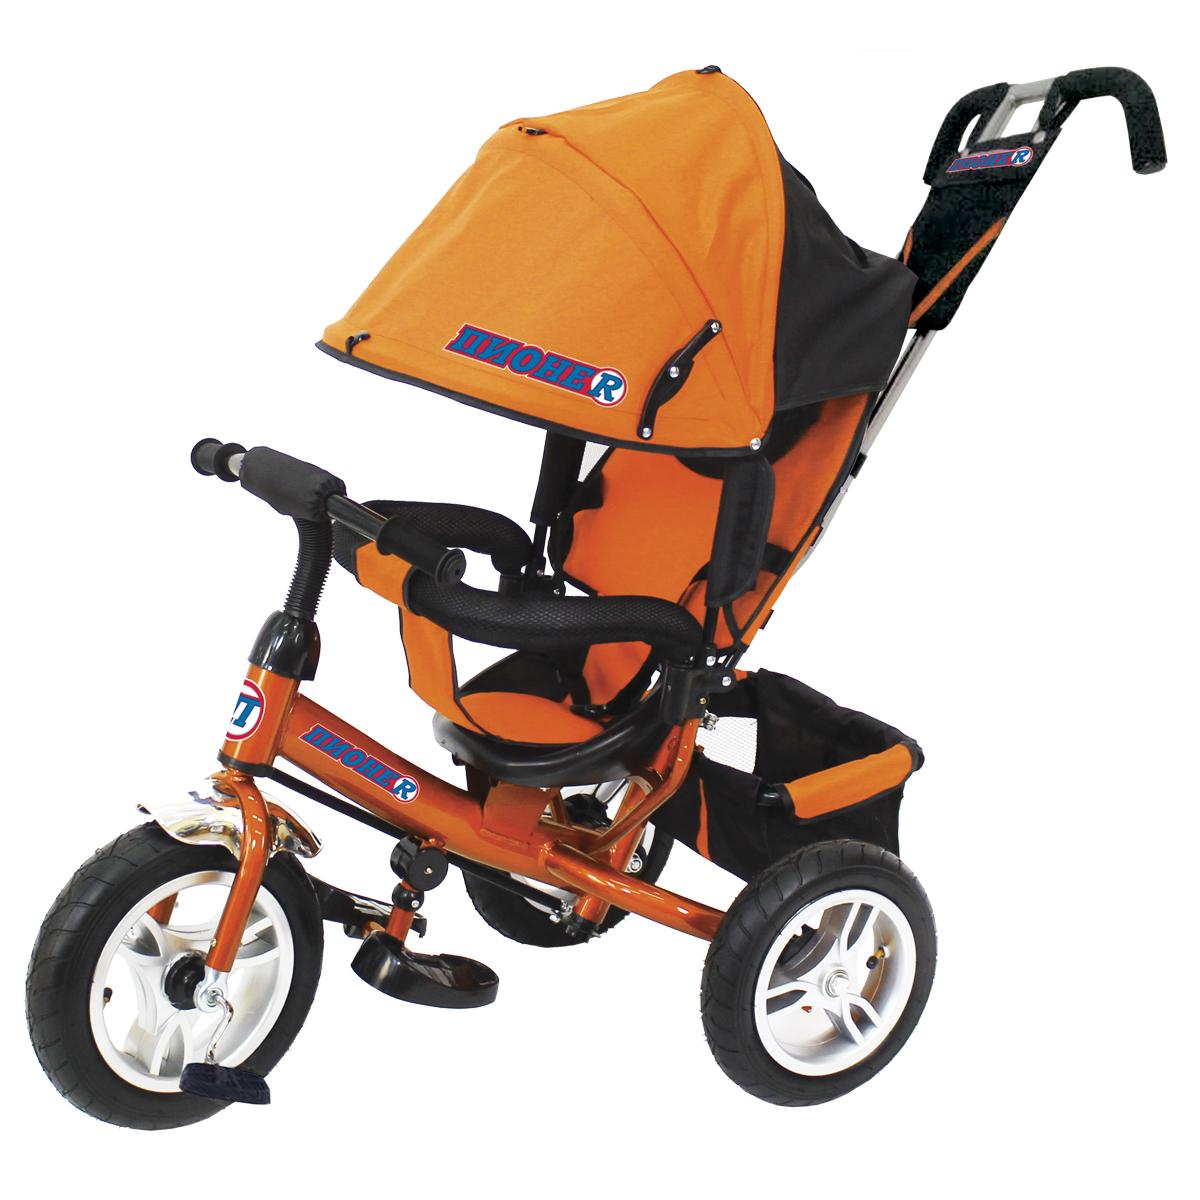 ПИОНЕR Велосипед трехколесный цвет оранжевый P2O - Велосипеды-каталки